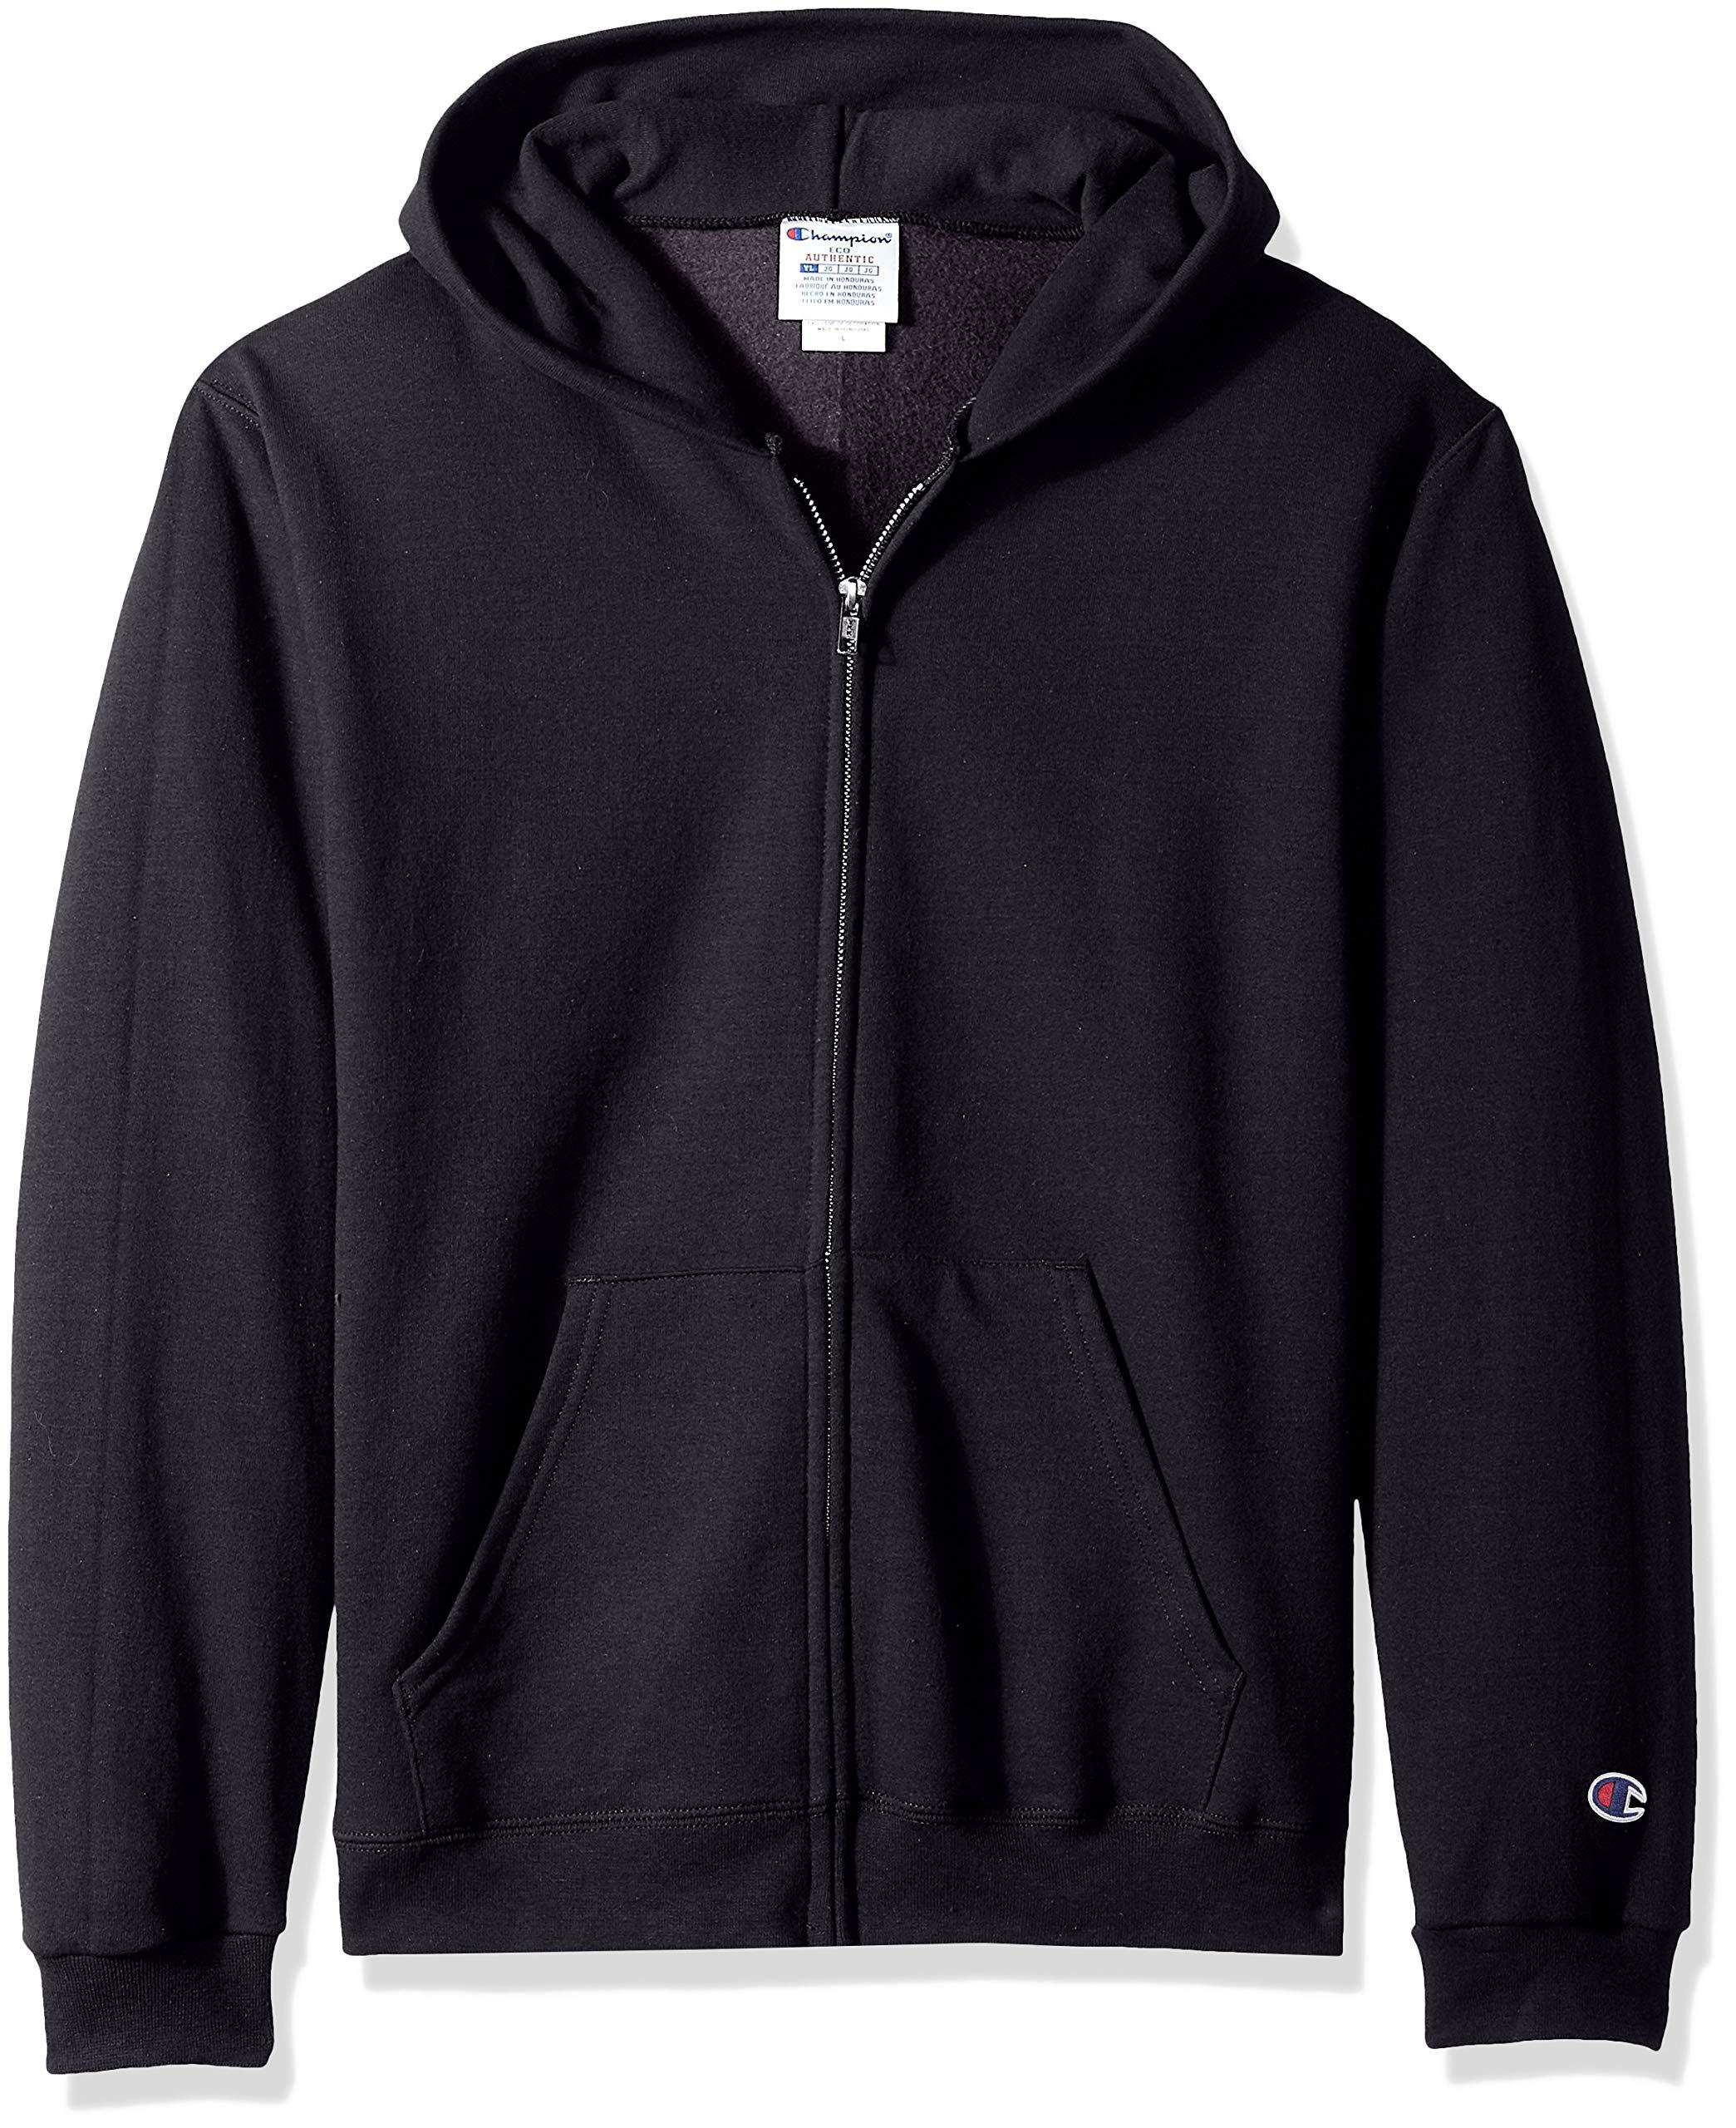 Champion Boys' Double Dry Fleece Full Zip Hooded Sweatshirt